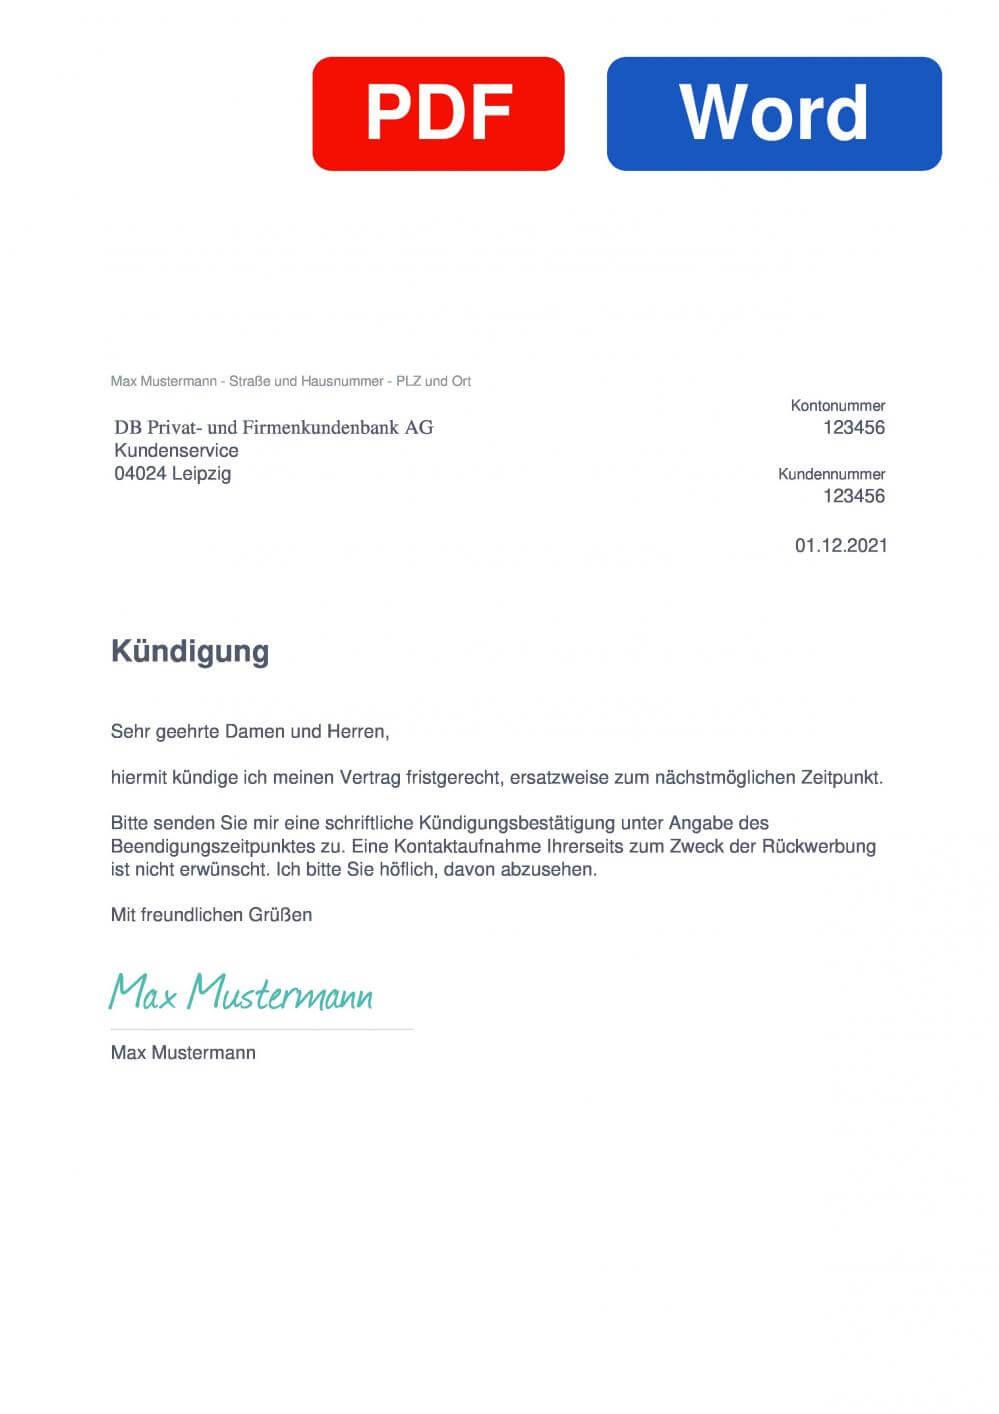 Berliner Bank Muster Vorlage für Kündigungsschreiben